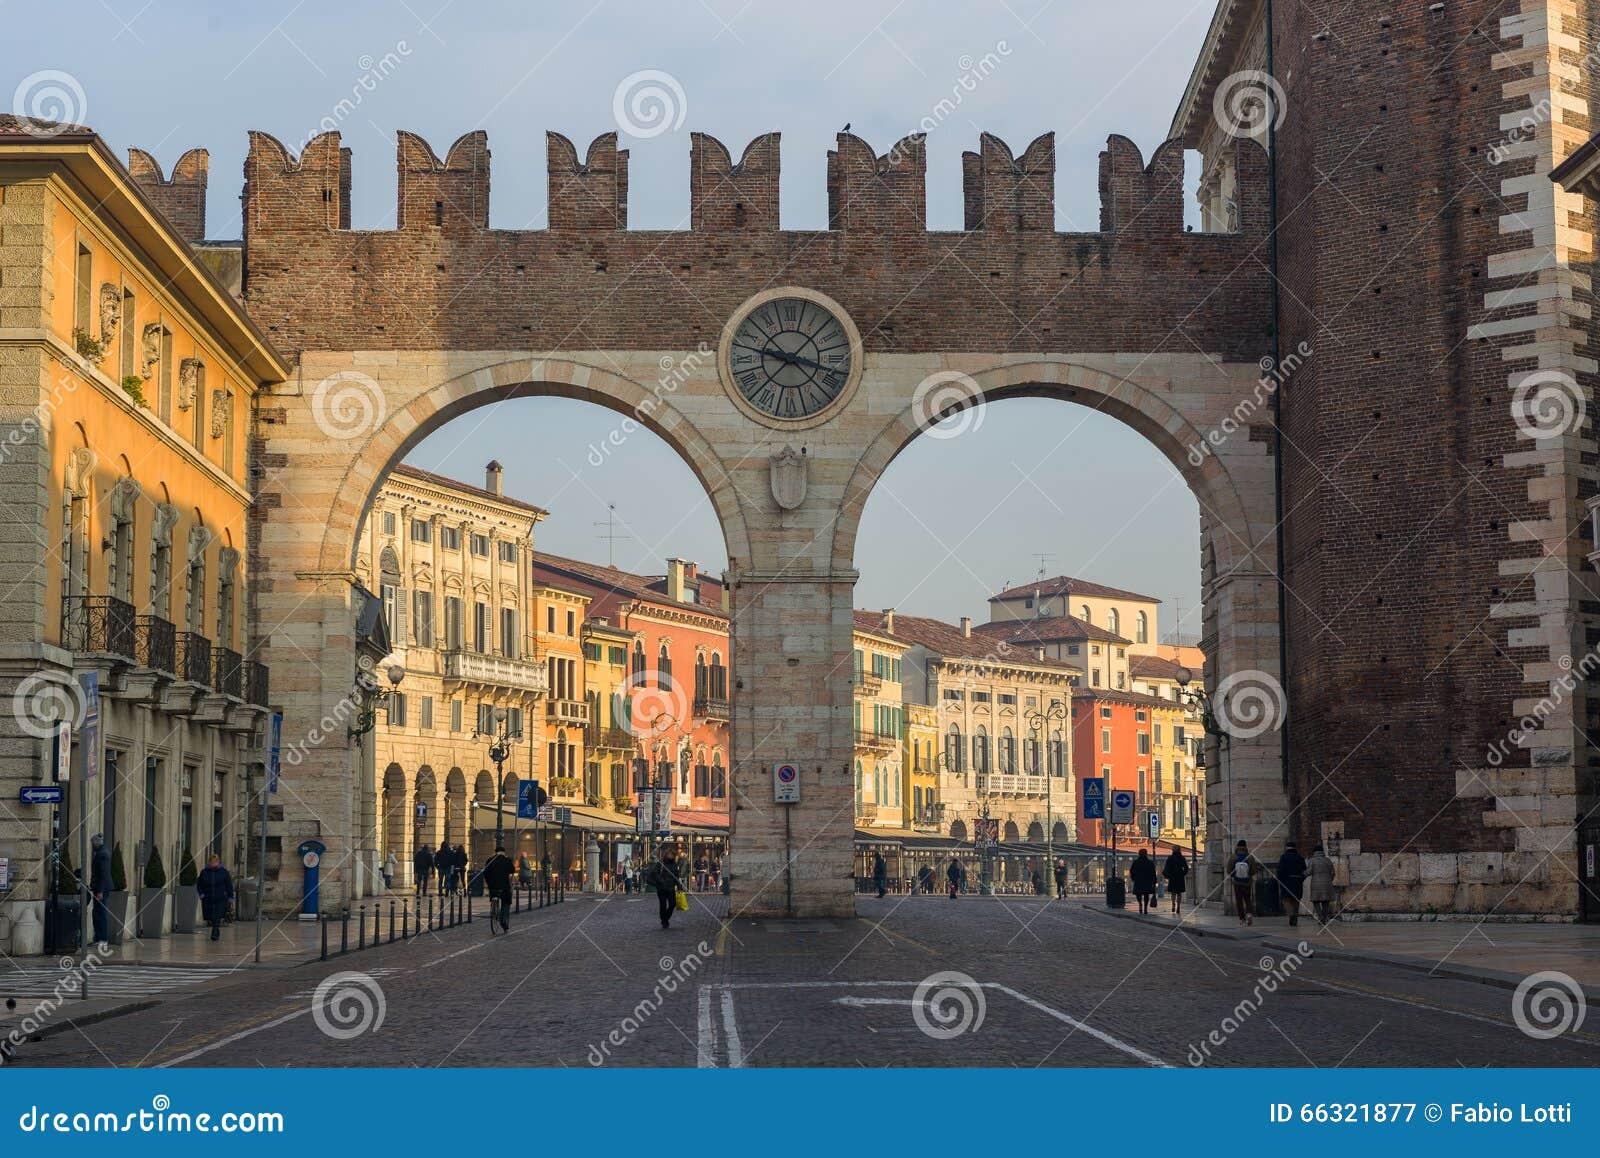 Porta nuova a verona fotografia editoriale immagine di - Mezzi pubblici verona porta nuova ...